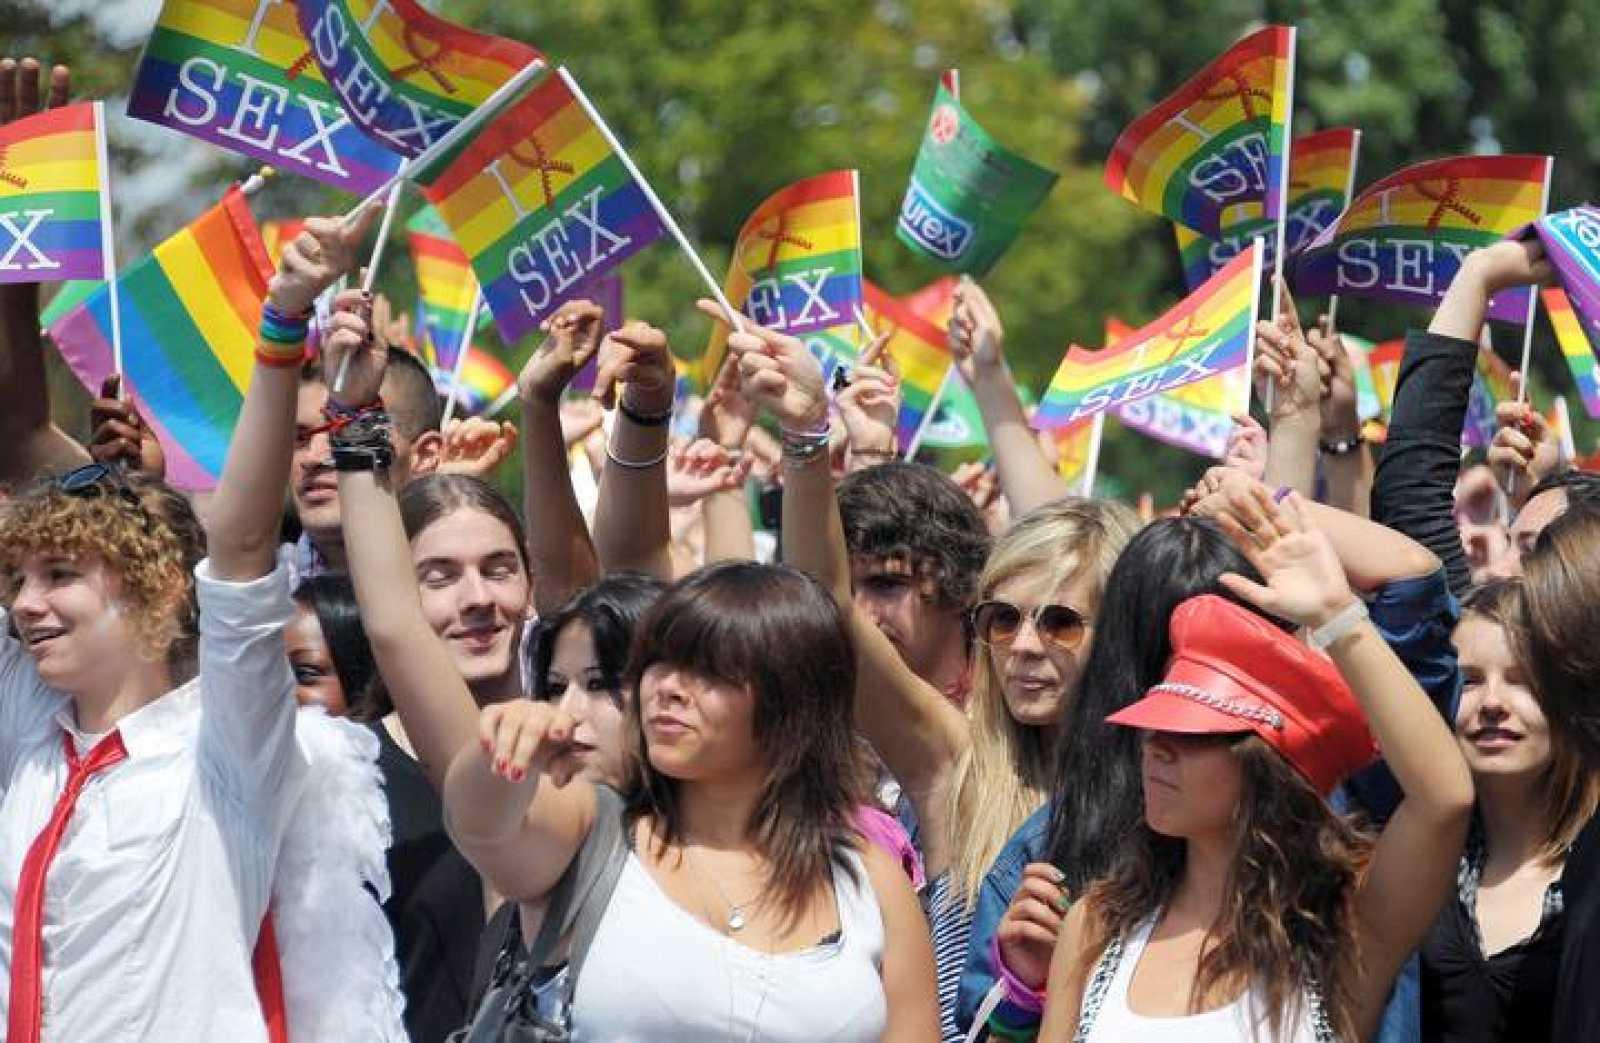 Foto de archivo de una manifestación a favor de los derechos de los homosexuales